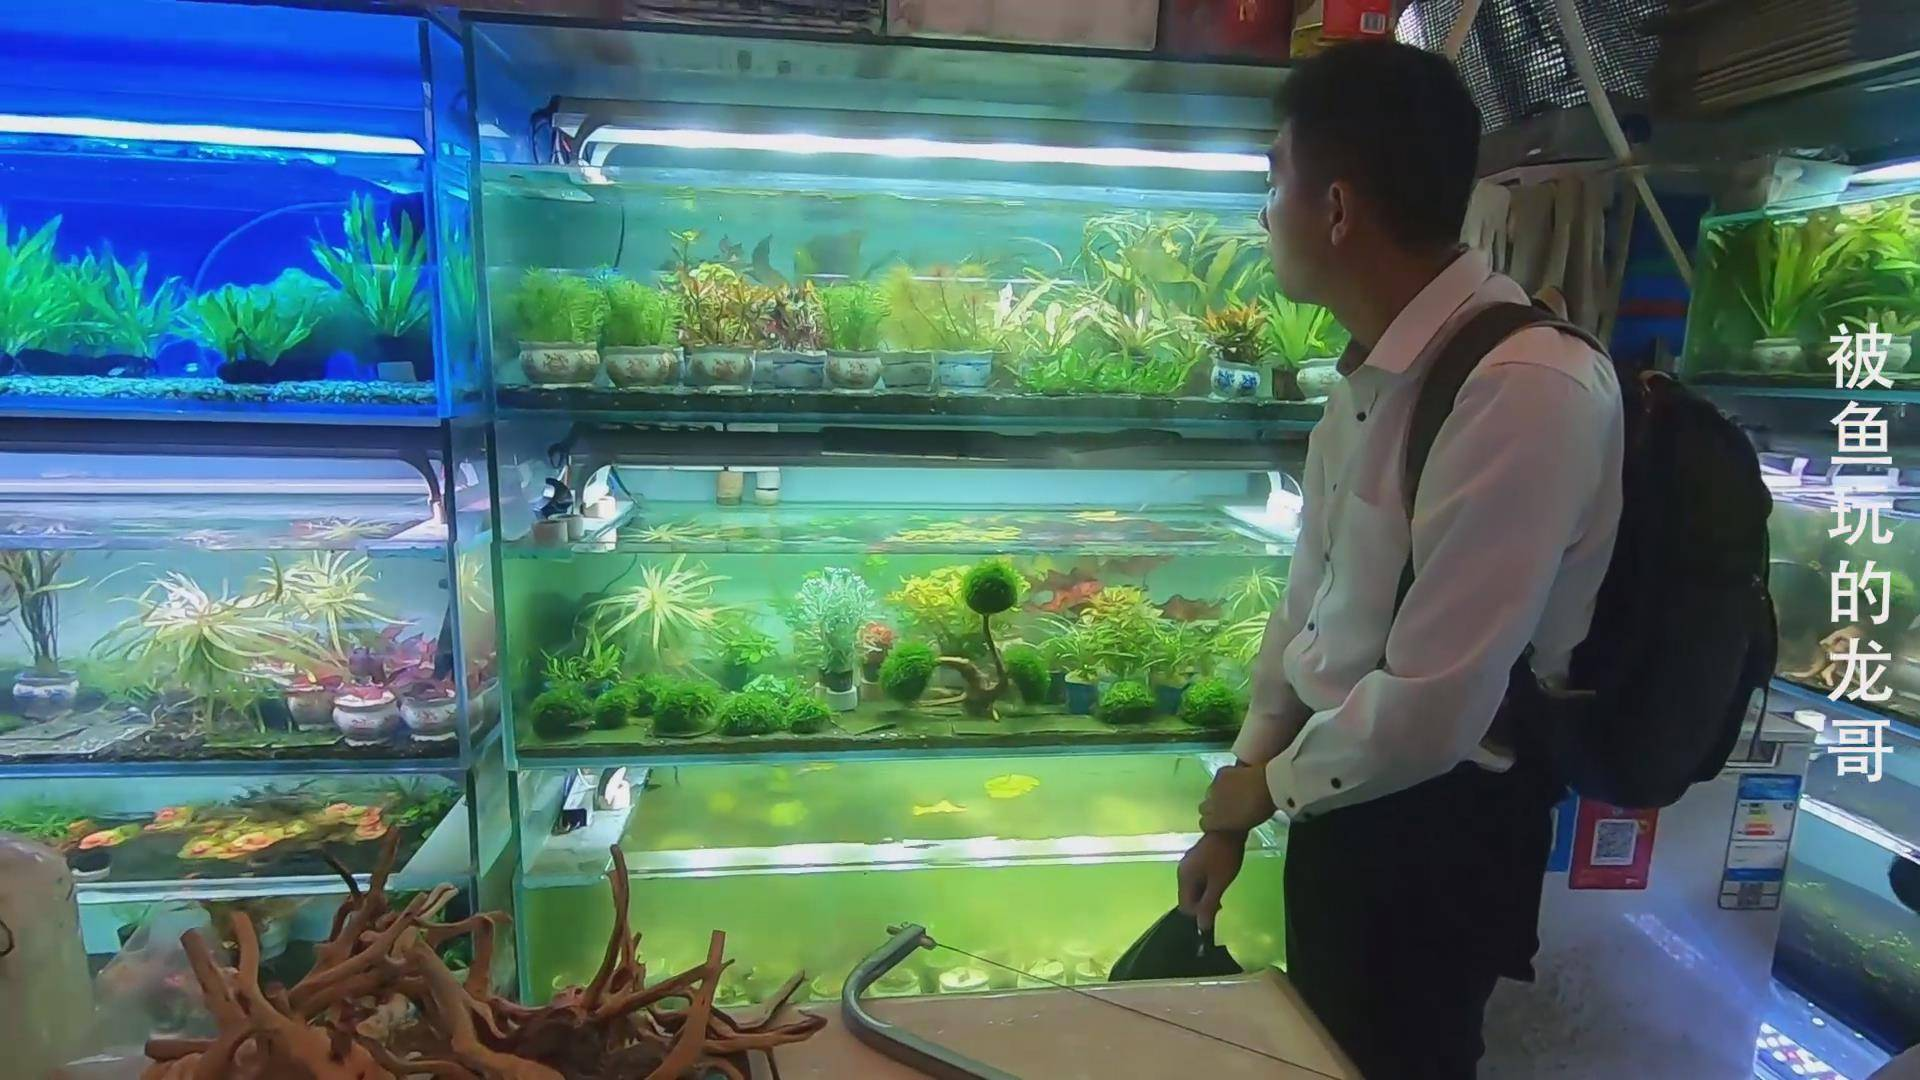 广州观赏鱼市场,鱼缸造景水草一条街